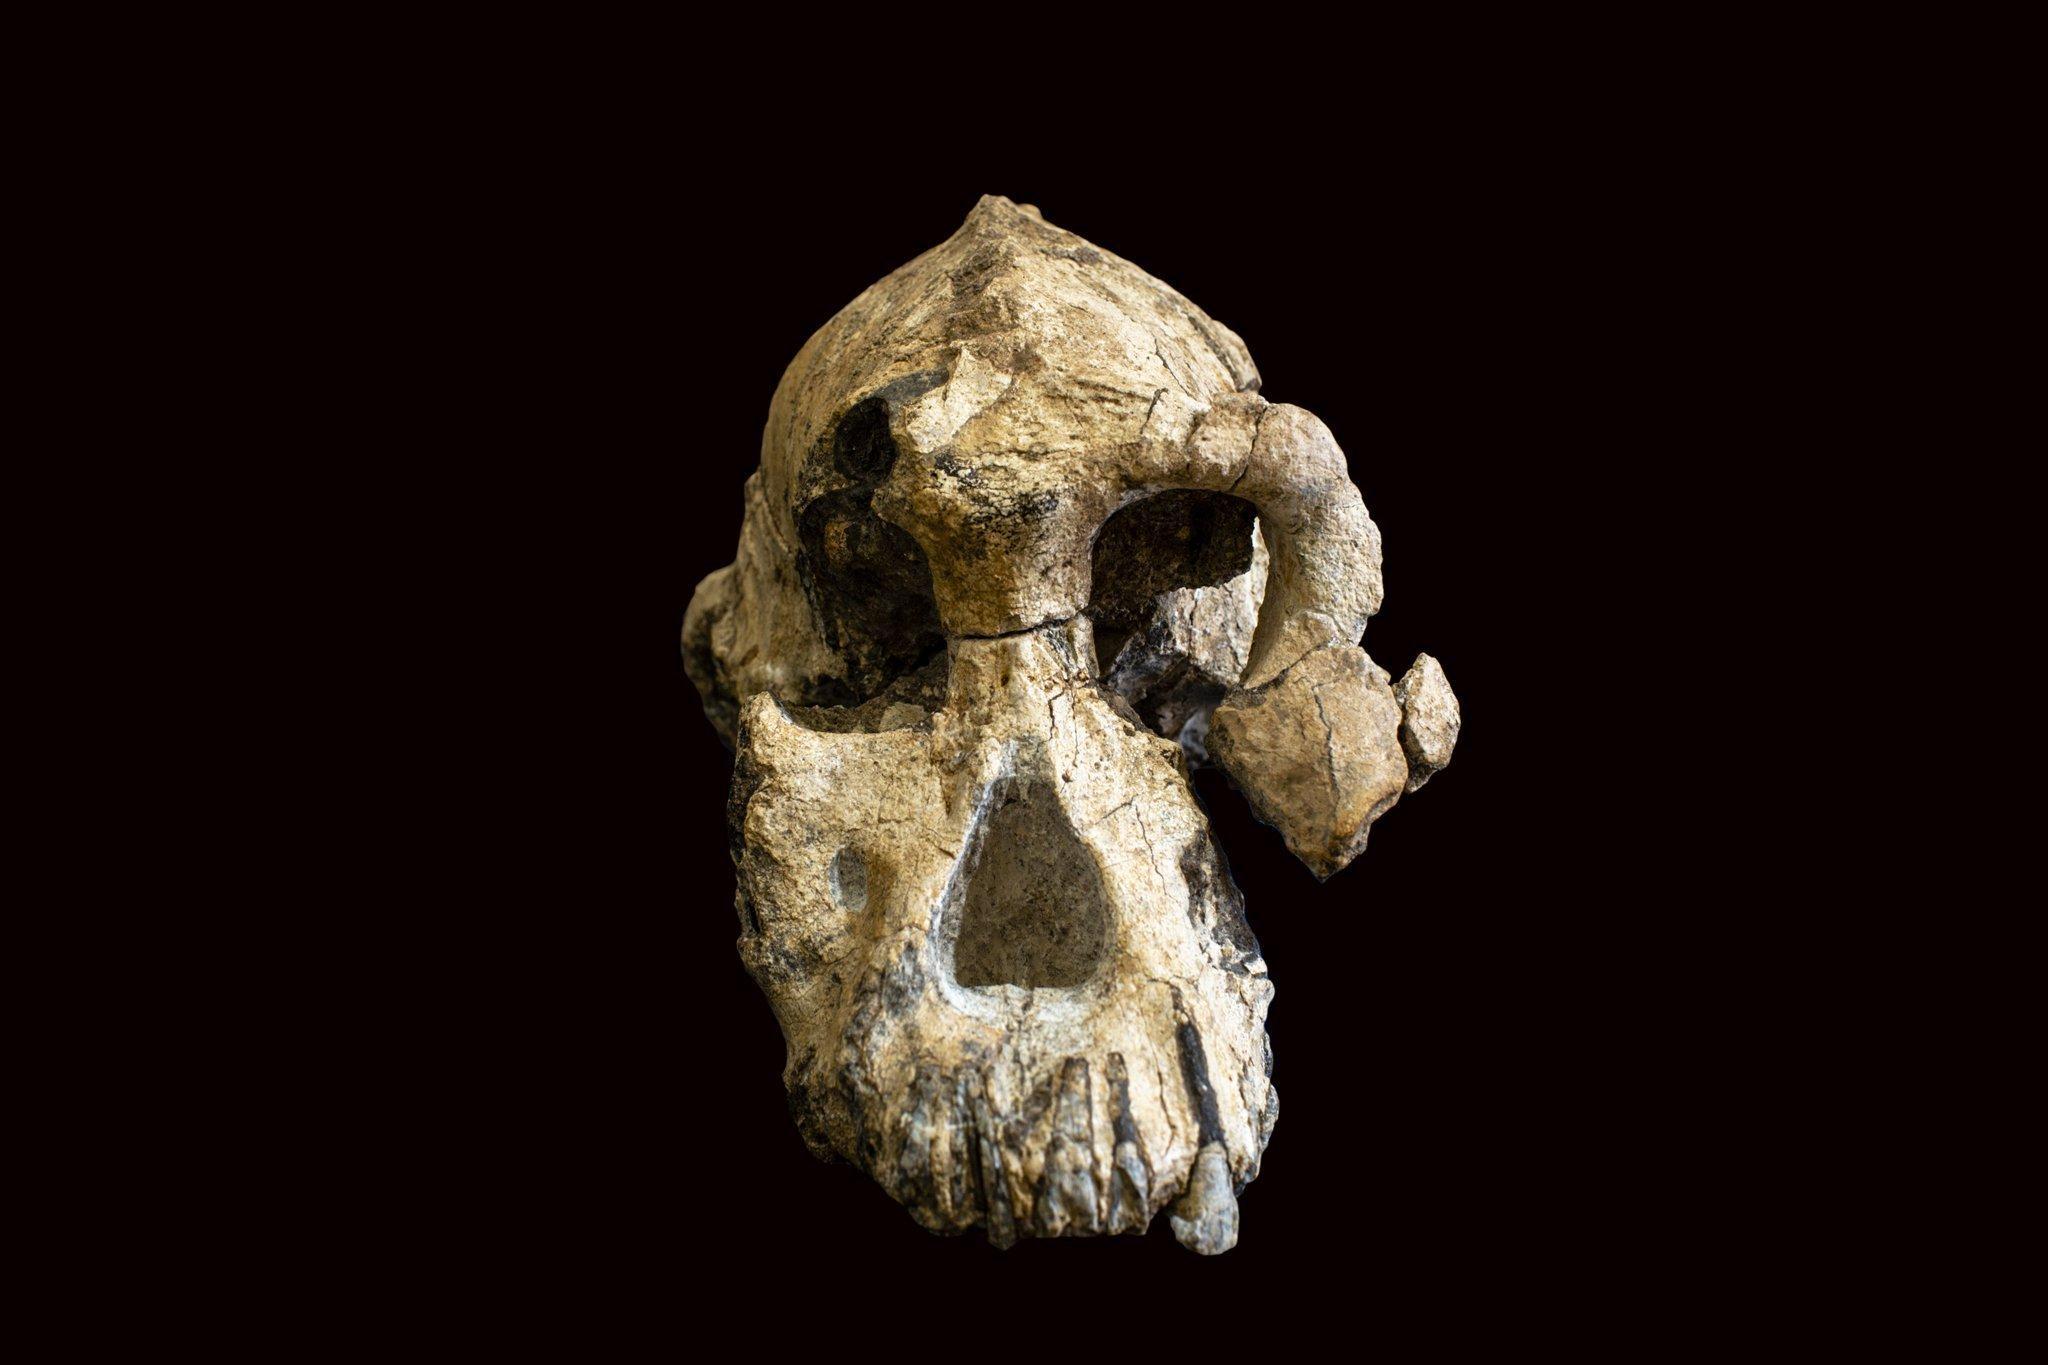 Abgebildet ist die Frontalansicht des 3,8Millionen Jahre alten Schädels von Australopithecus anamensis. Der Schädel offenbart ein Wesen mit kräftig gebauten Augenhöhlen und ausladenden Wangenknochen. Einen derart vollständigen Schädel eines Vormenschen haben die Forscher bislang selten gefunden